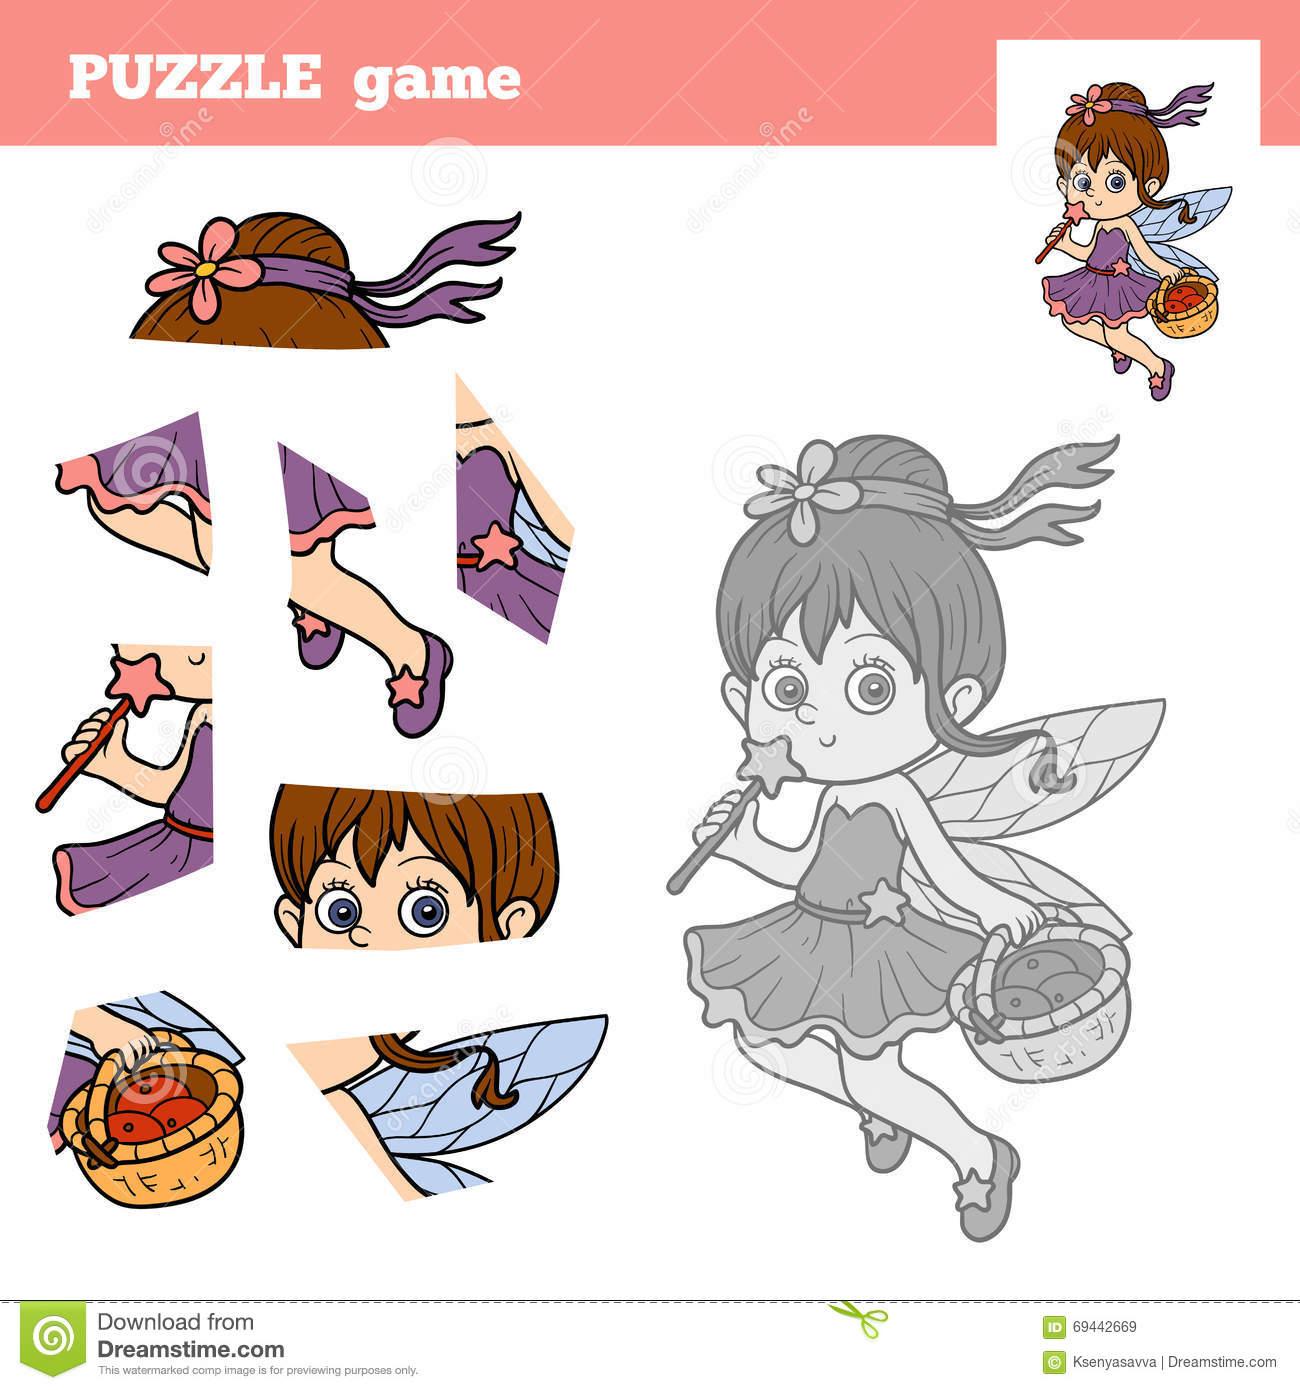 Jeux De Puzzle De Fee Telecharger | Denmonasse.ml pour Jeux Gratuit Garcon